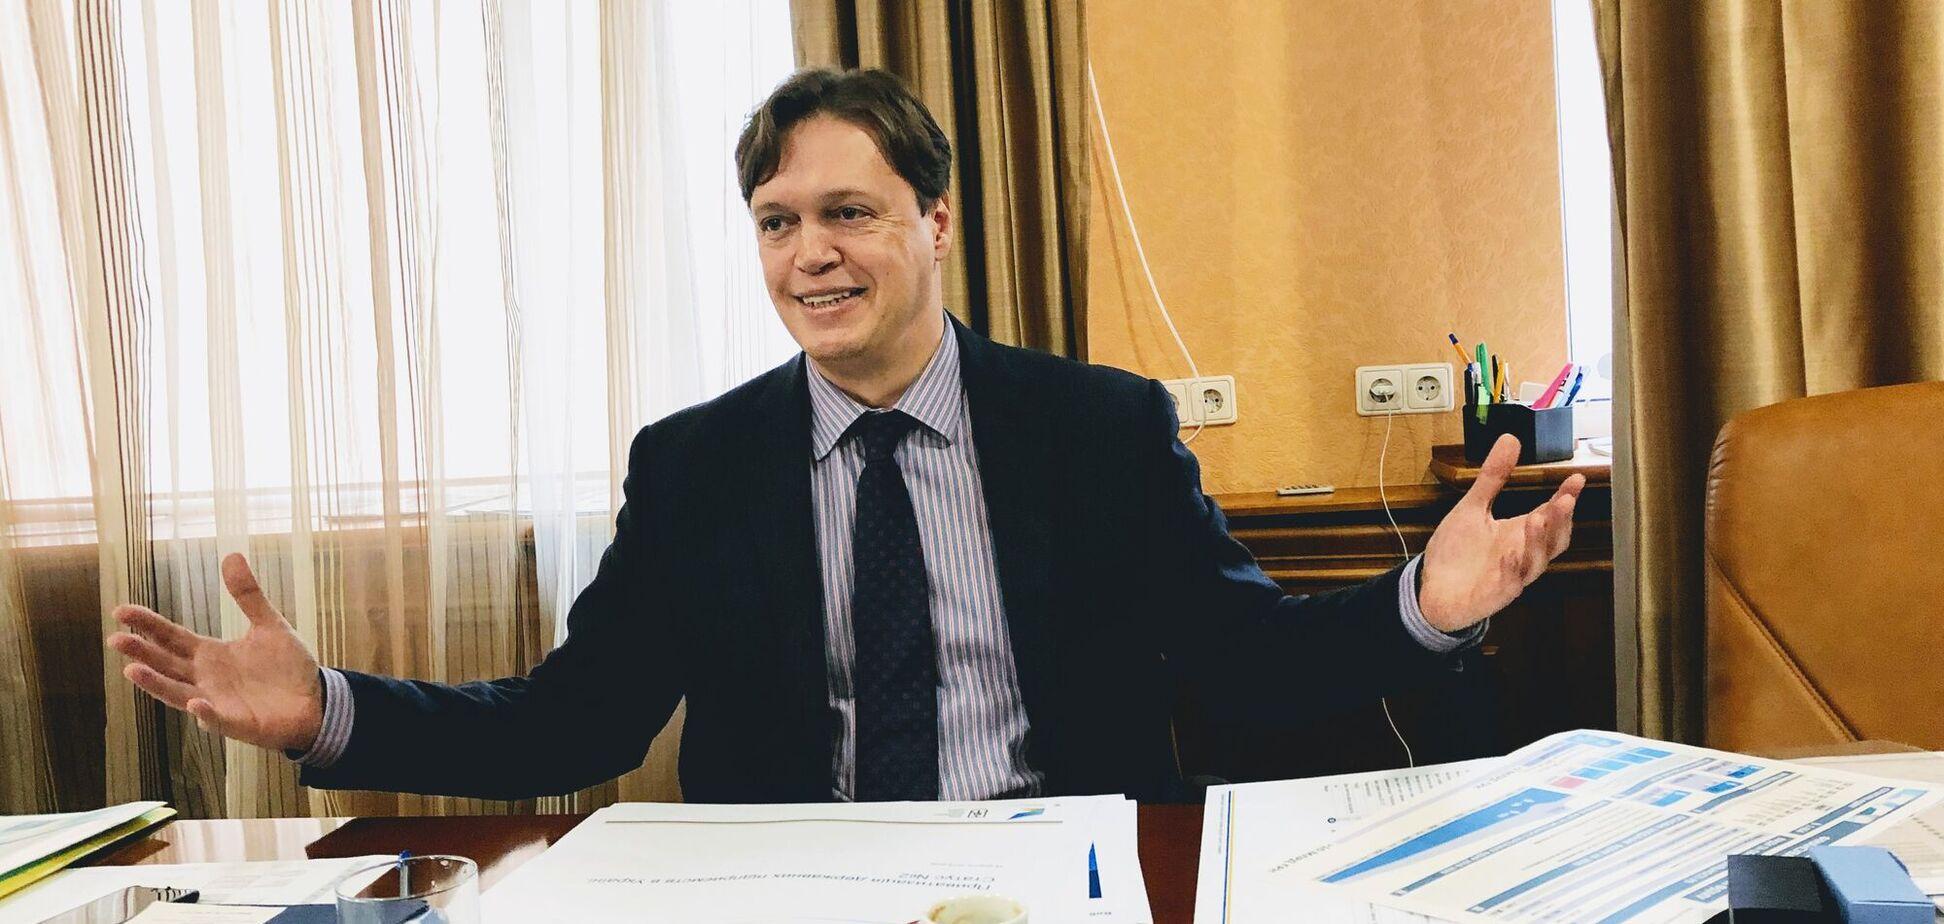 Керівництво майже 200 підприємств, переданих на приватизацію, розшукують з поліцією, – глава ФДМУ